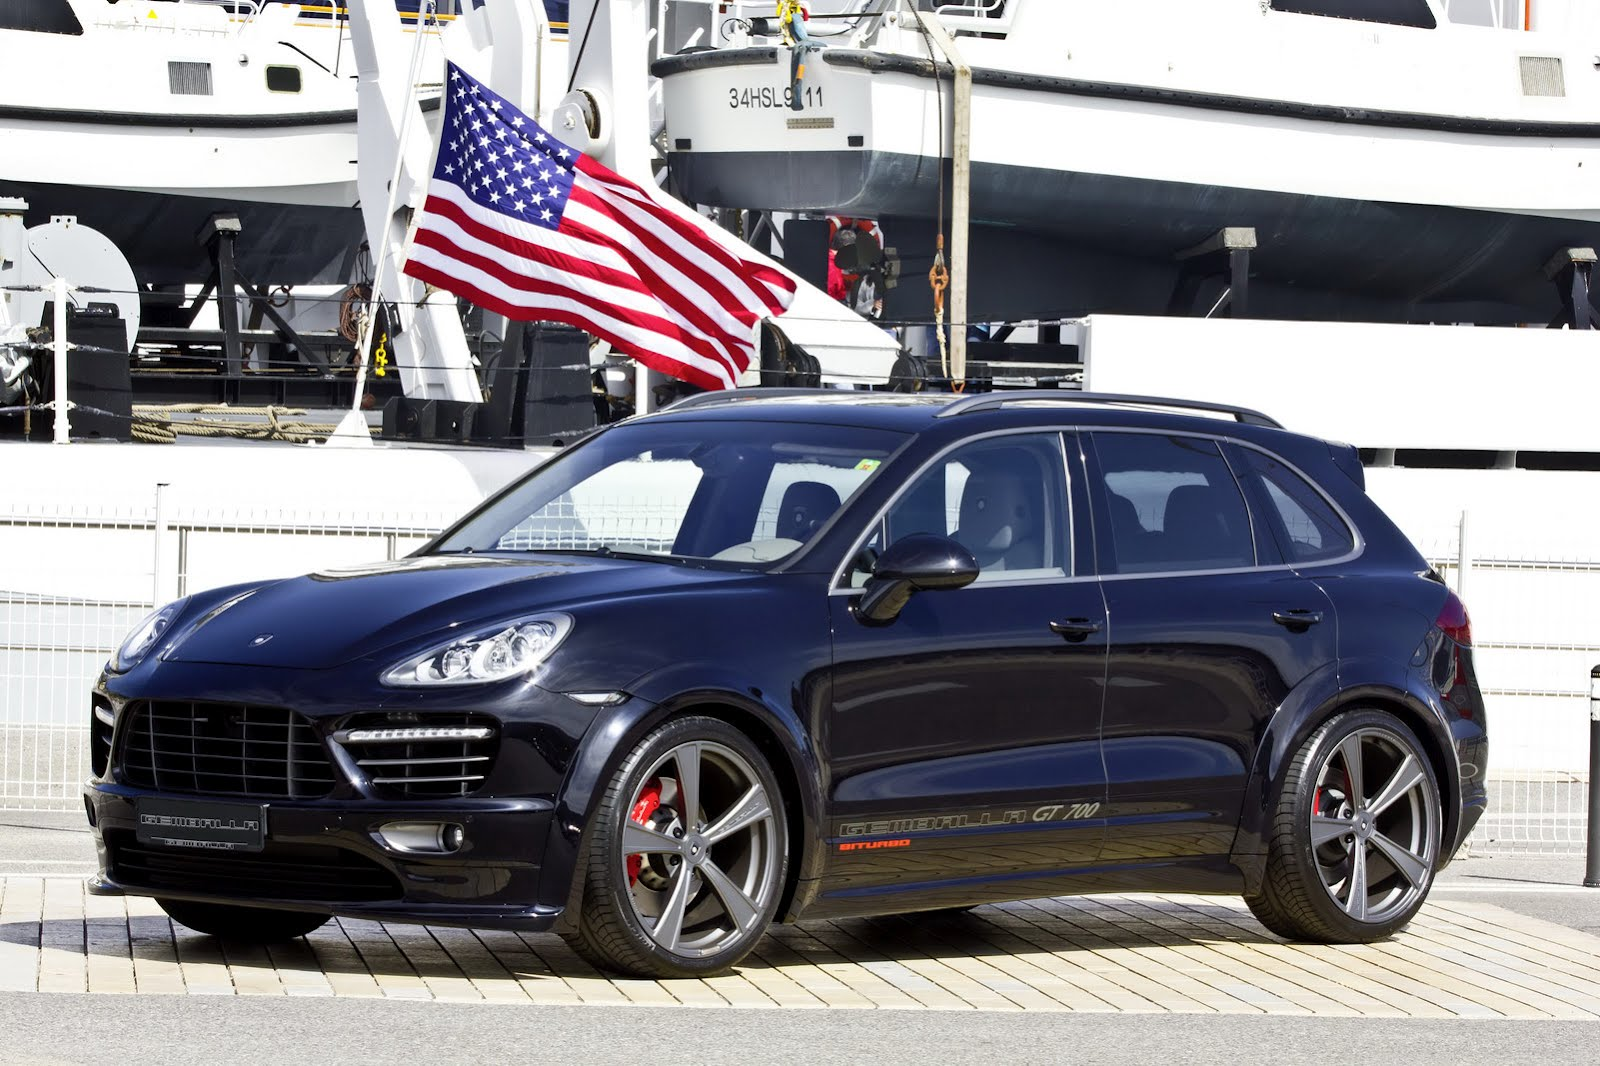 Porsche Cayenne gets new aero kit from Gemballa